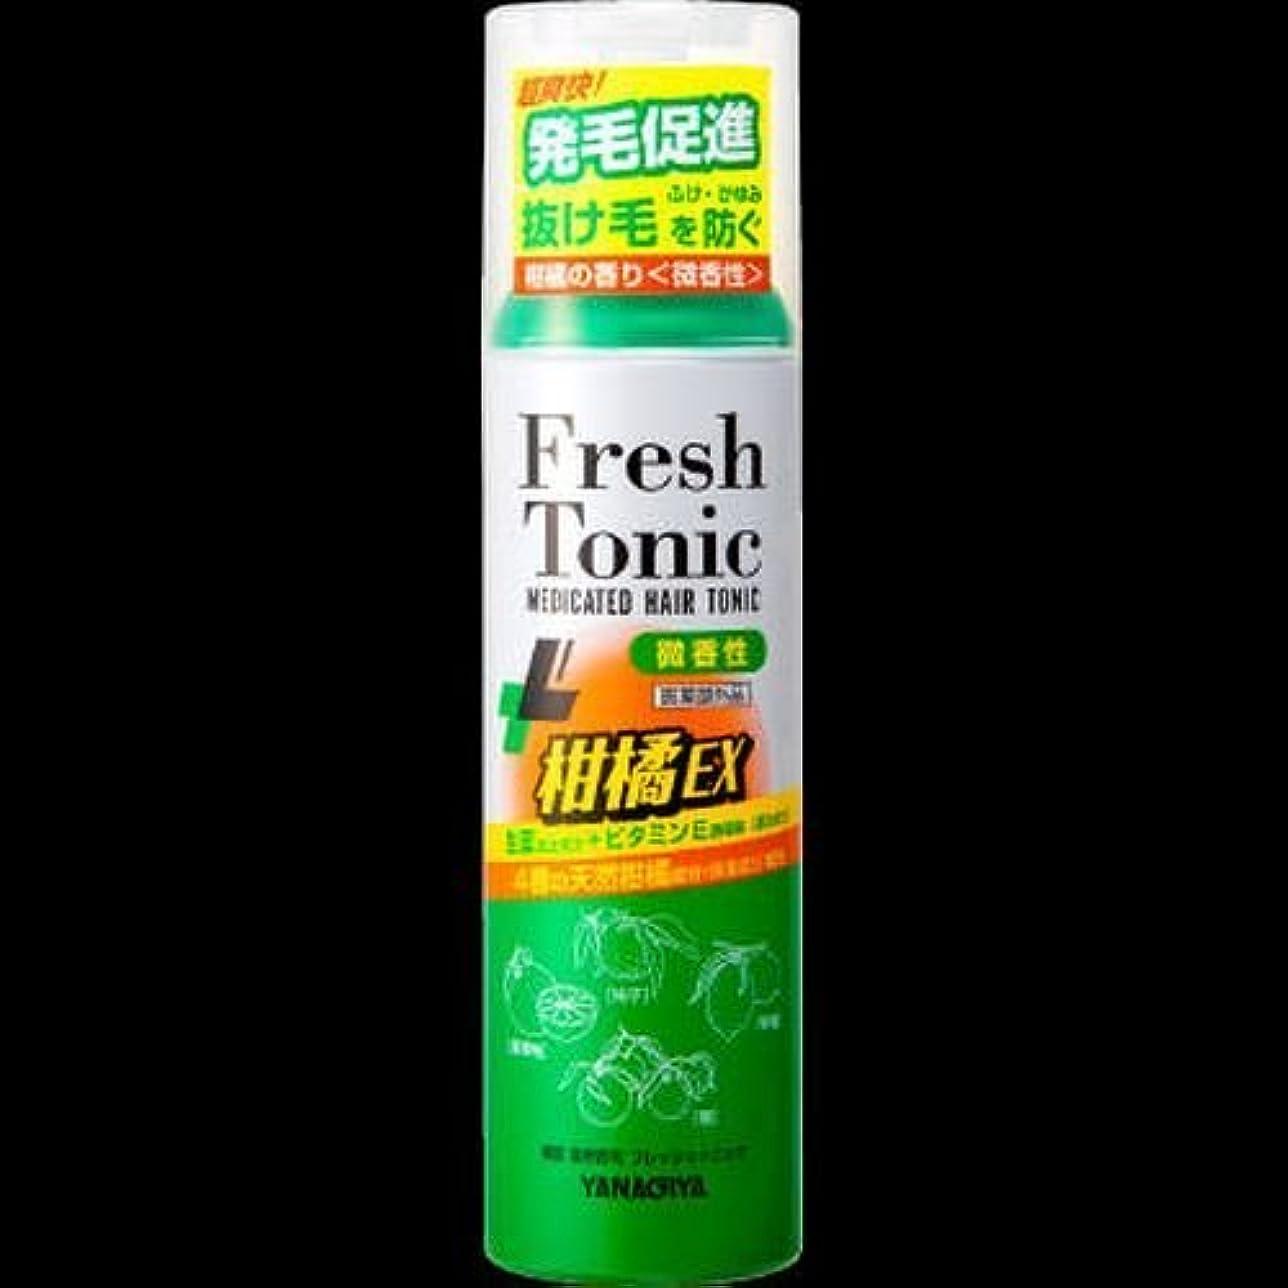 気晴らしステップ緯度【まとめ買い】柳屋 薬用育毛 フレッシュトニック 柑橘EX <微香性> 190g ×2セット